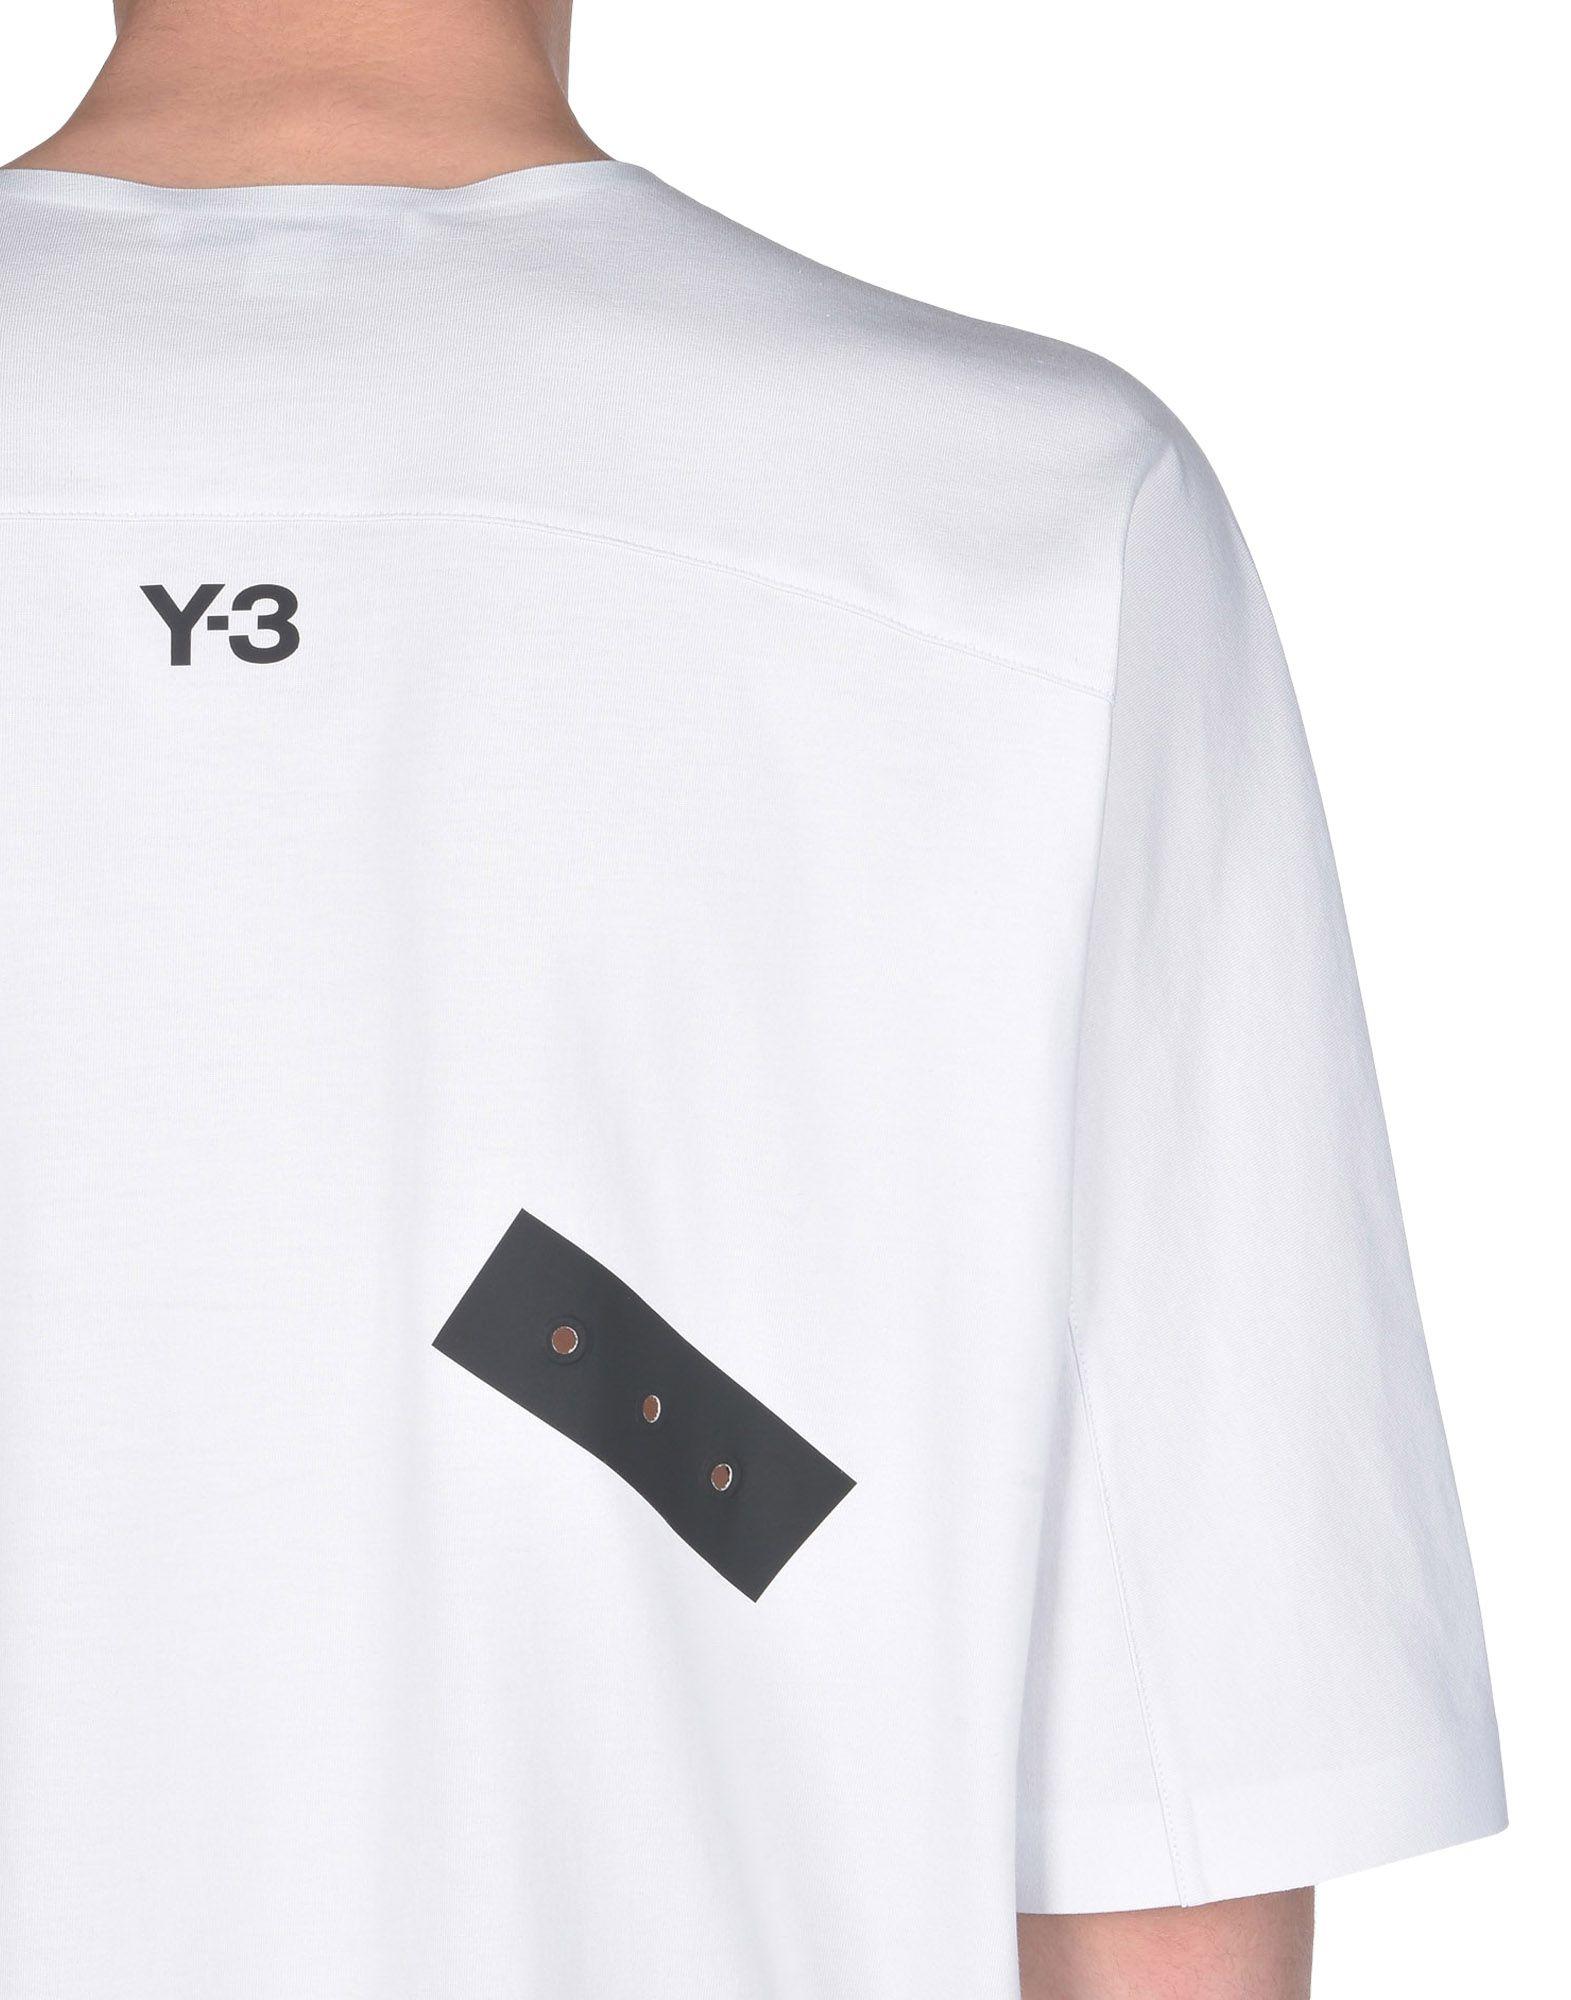 Y-3 Y-3 SKYLIGHT TEE T シャツ メンズ a